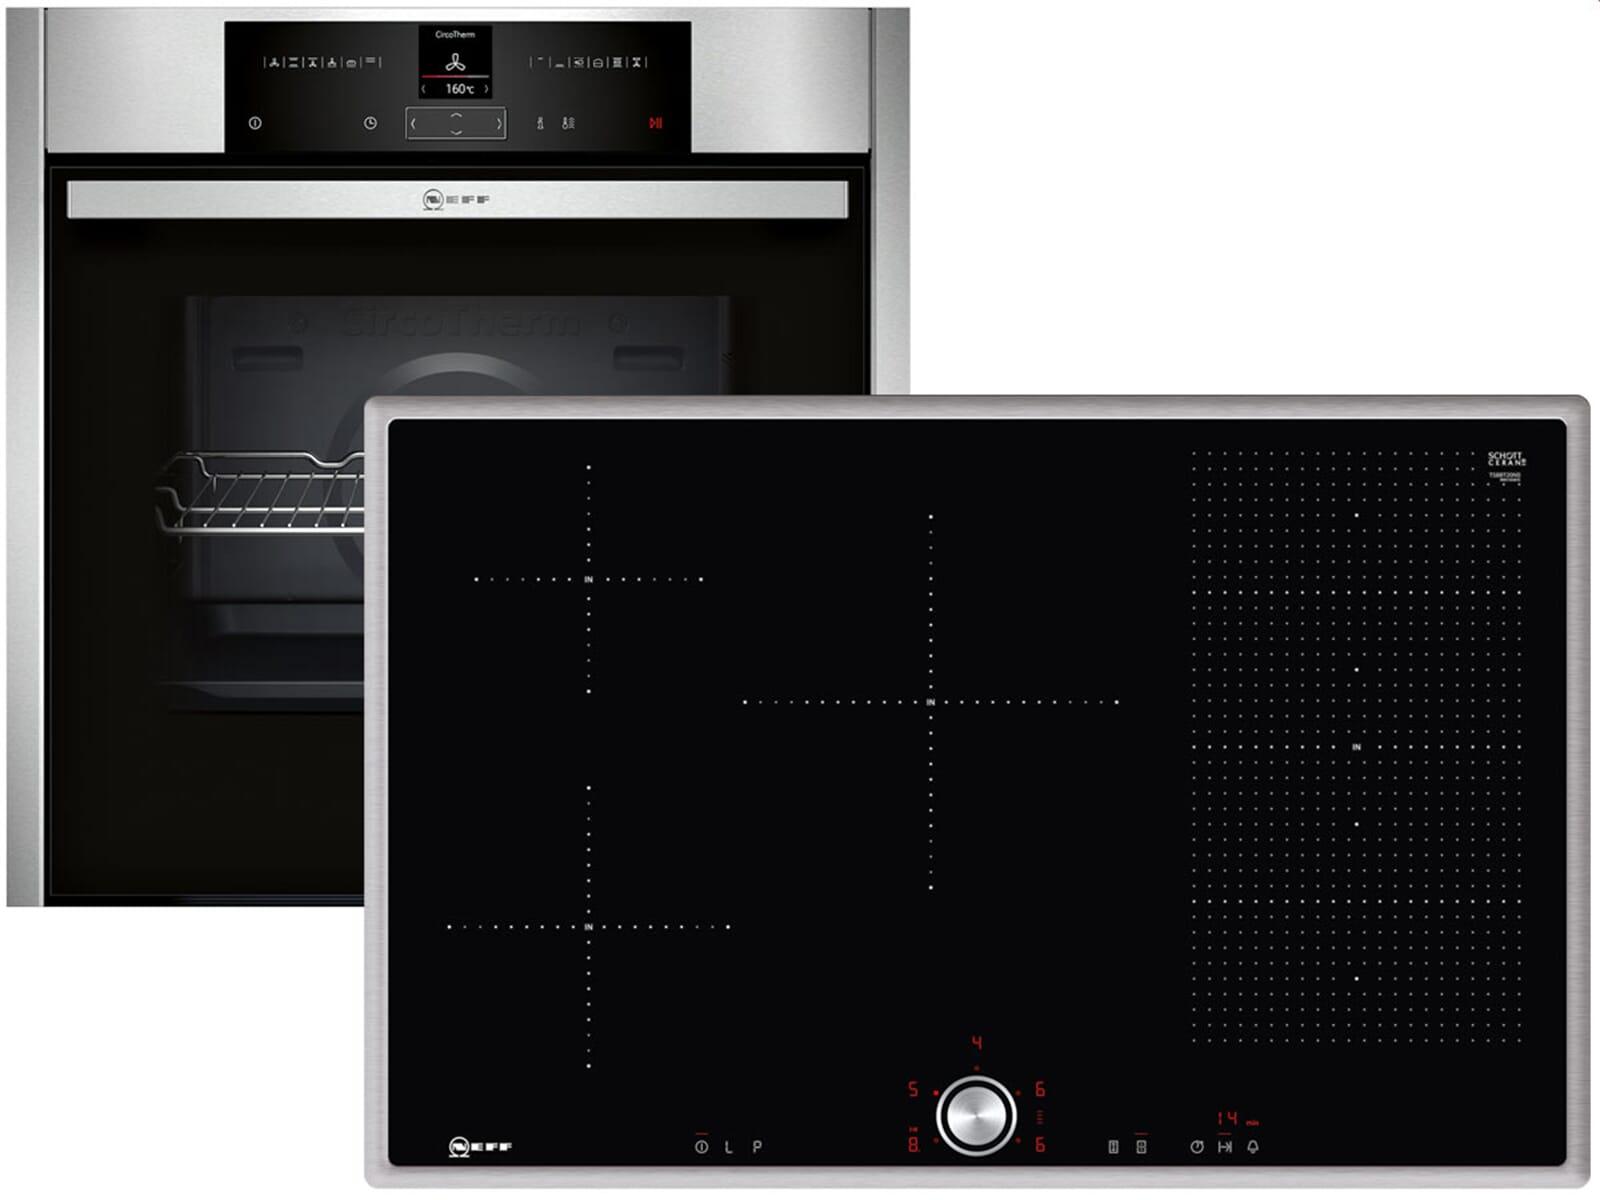 neff basic 8013 set backofen bcr 1522 n induktionskochfeld tbt 5820 n. Black Bedroom Furniture Sets. Home Design Ideas